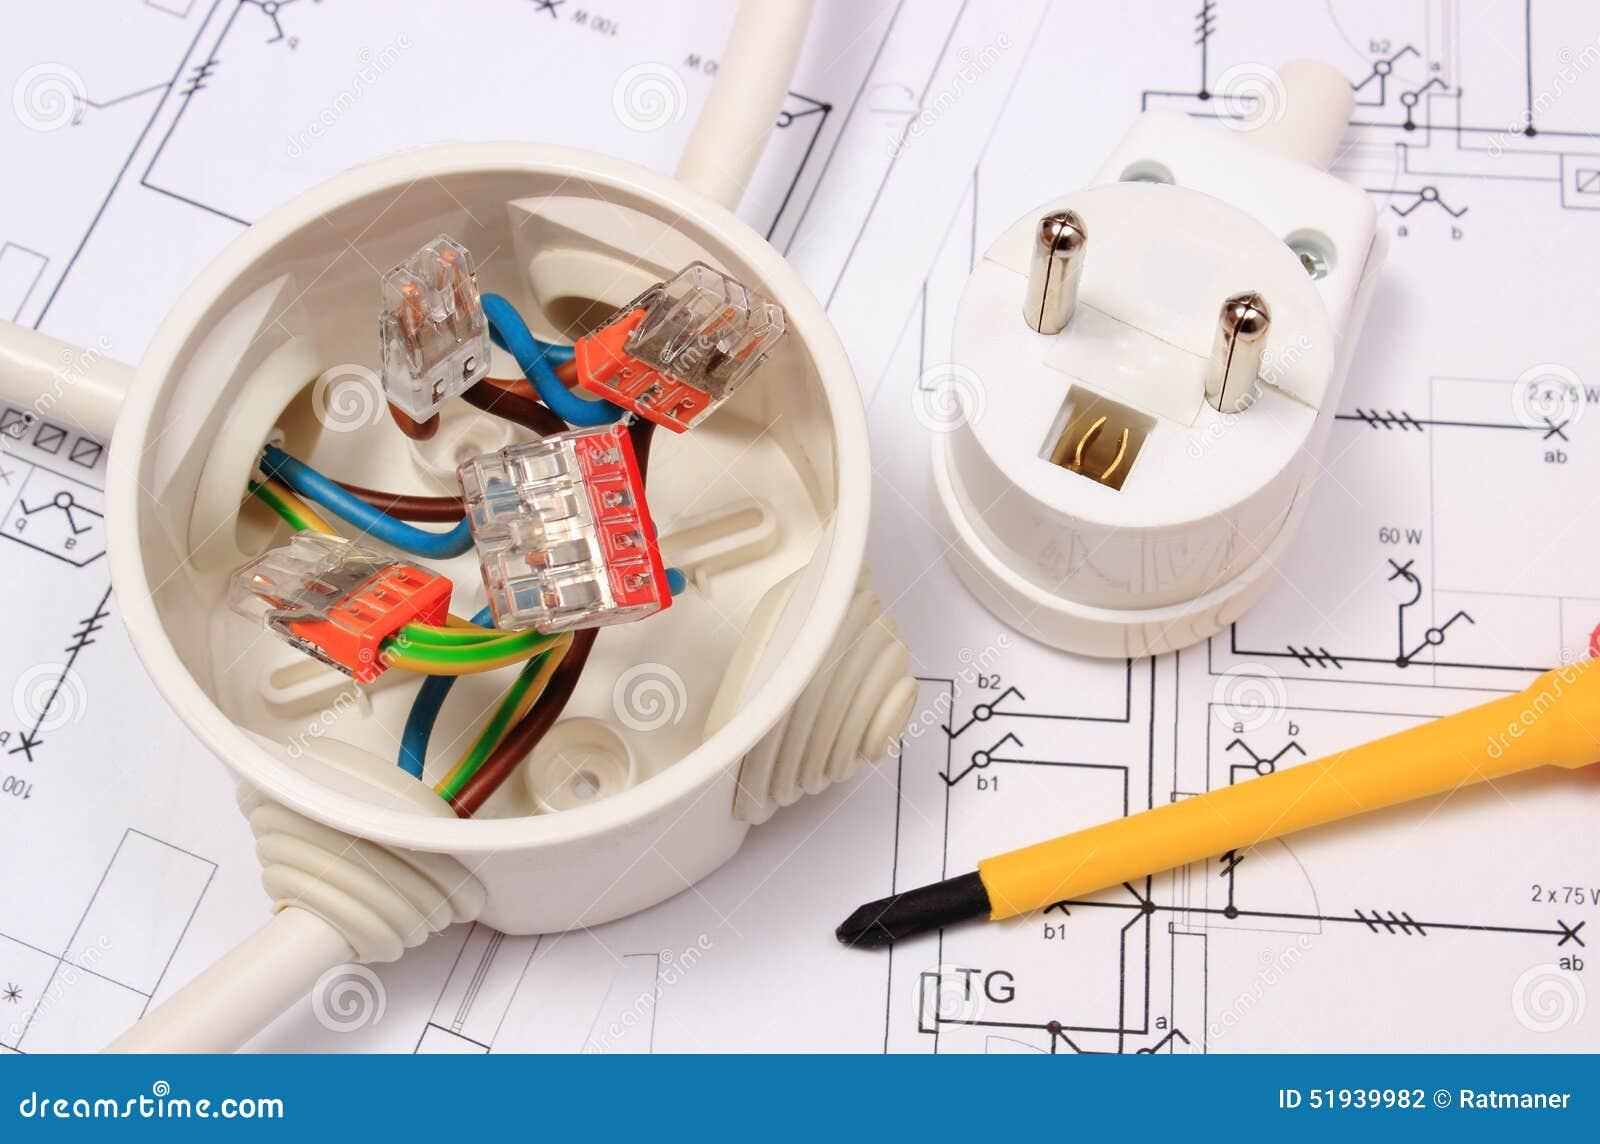 thumbs.dreamstime.com/z/tournevis-boîte-électrique-et-prise-électrique-sur-le-dessin-de-construction-51939982